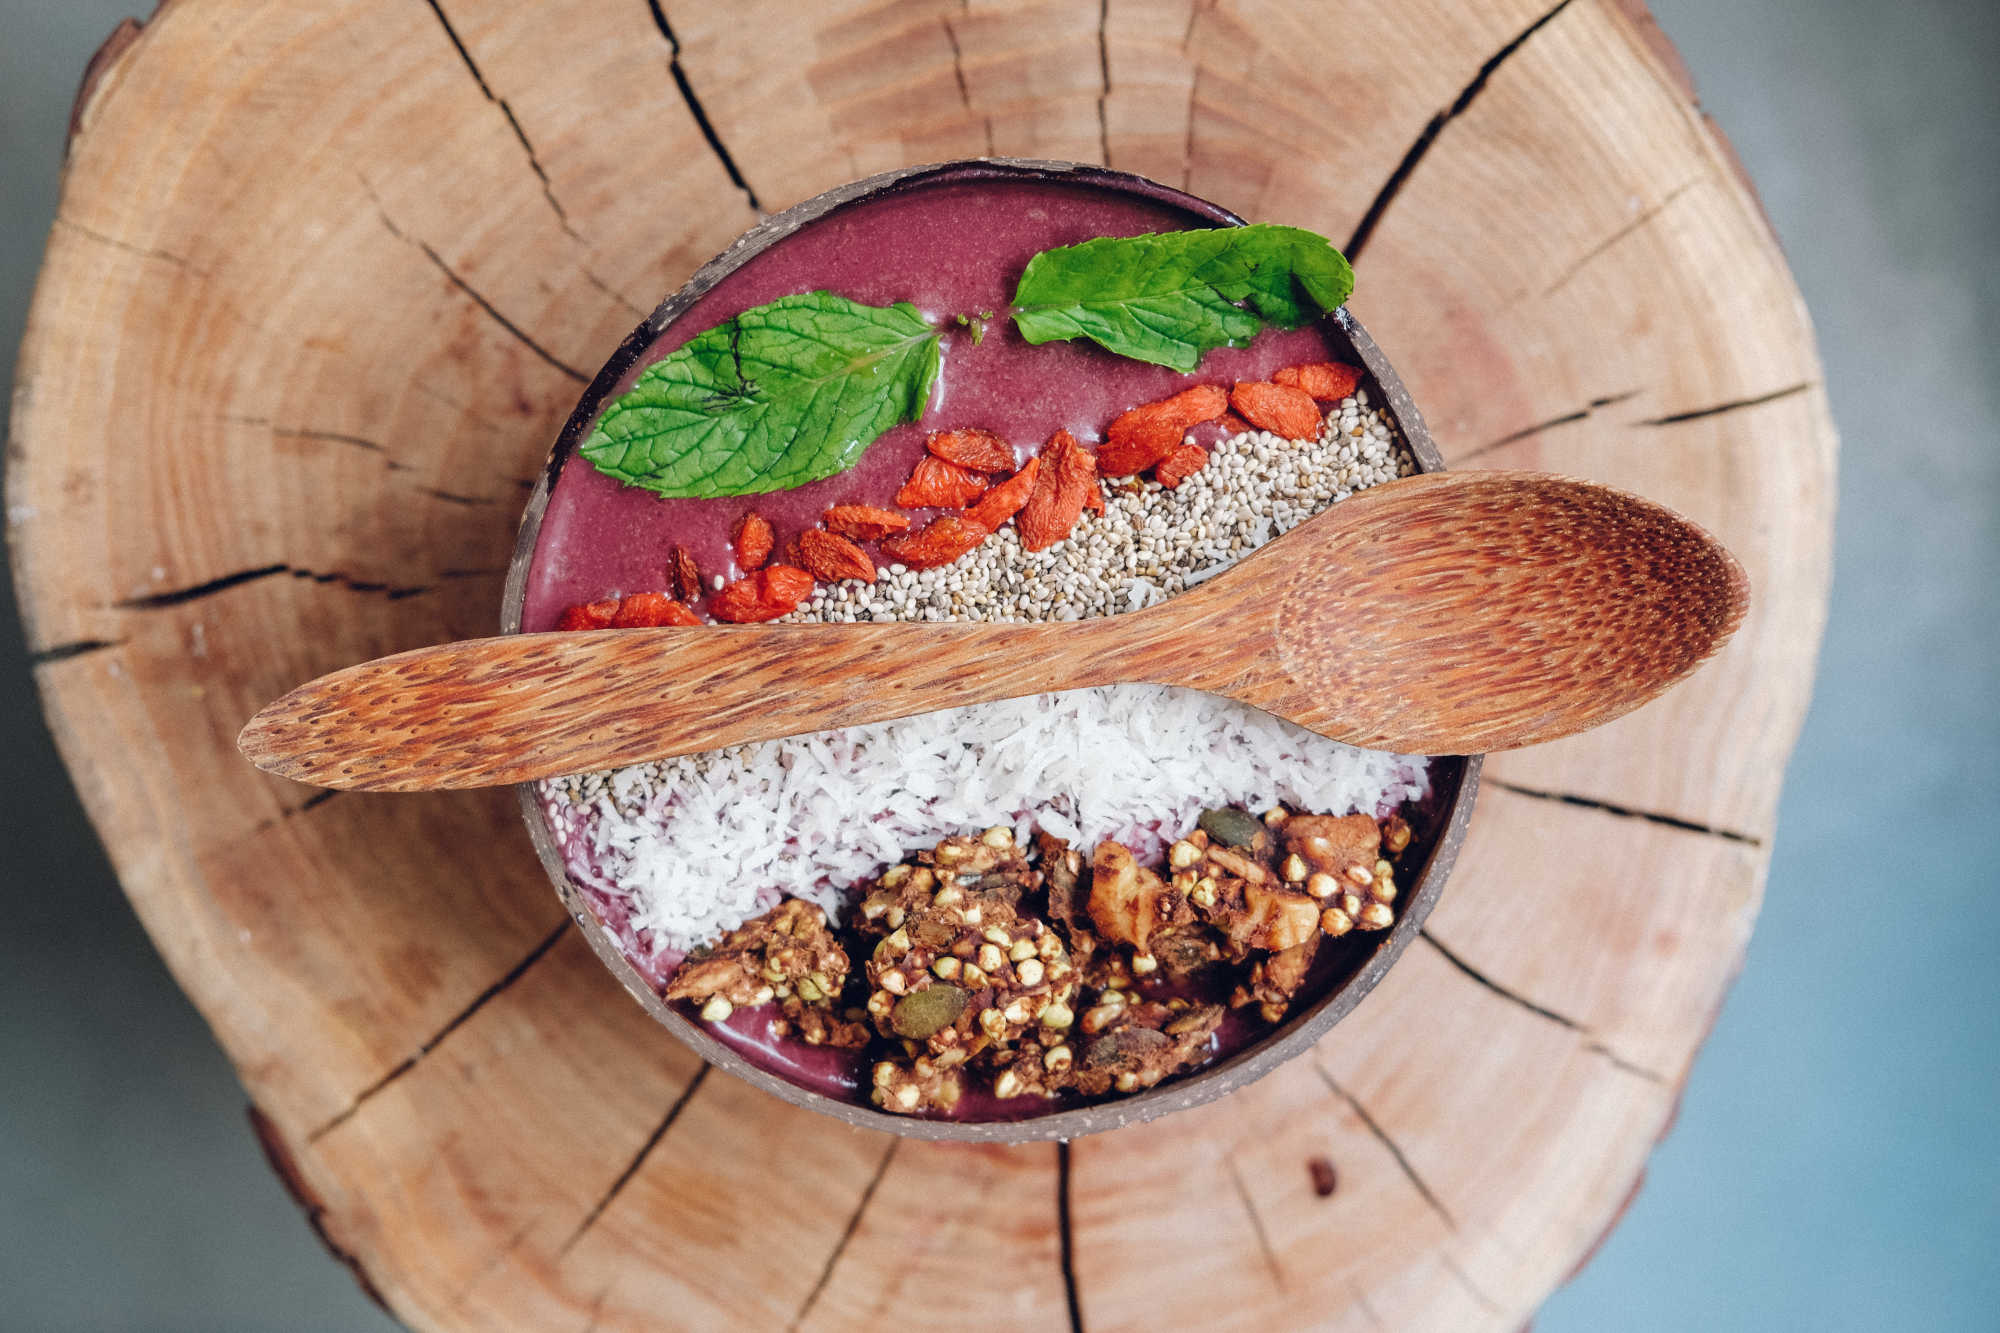 Les bienfaits des fibres alimentaires contre l'inflammation cérébrale